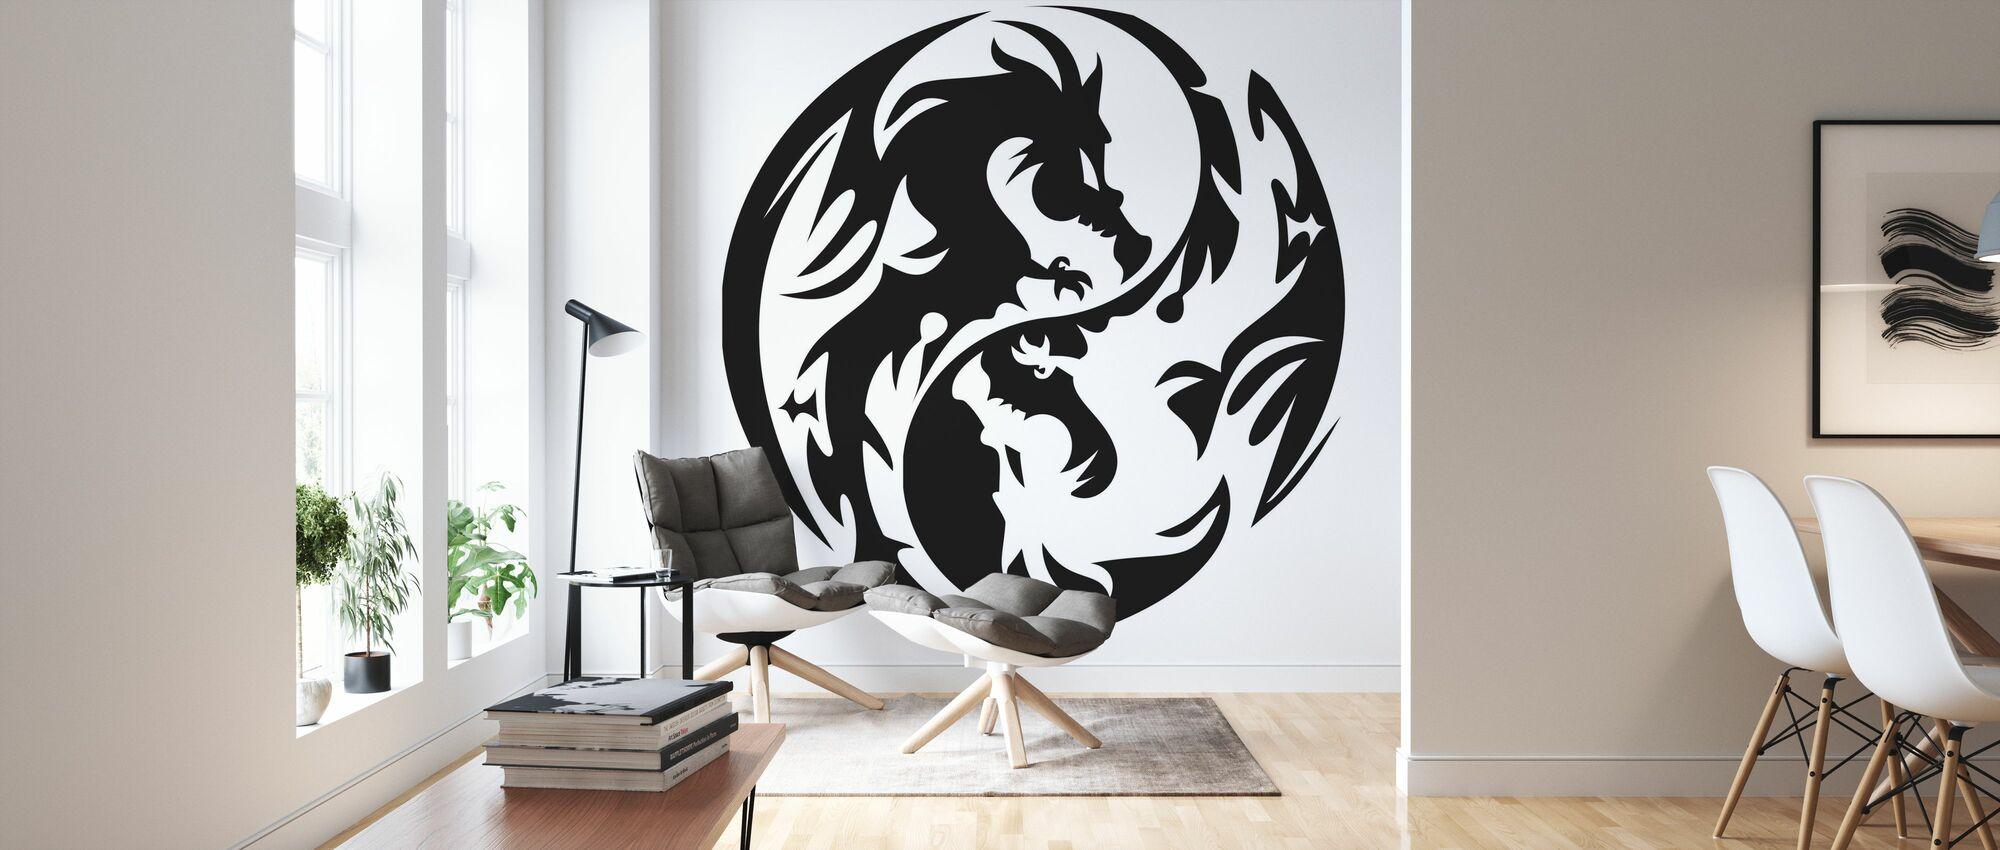 Cercle Dragons - Papier peint - Salle à manger